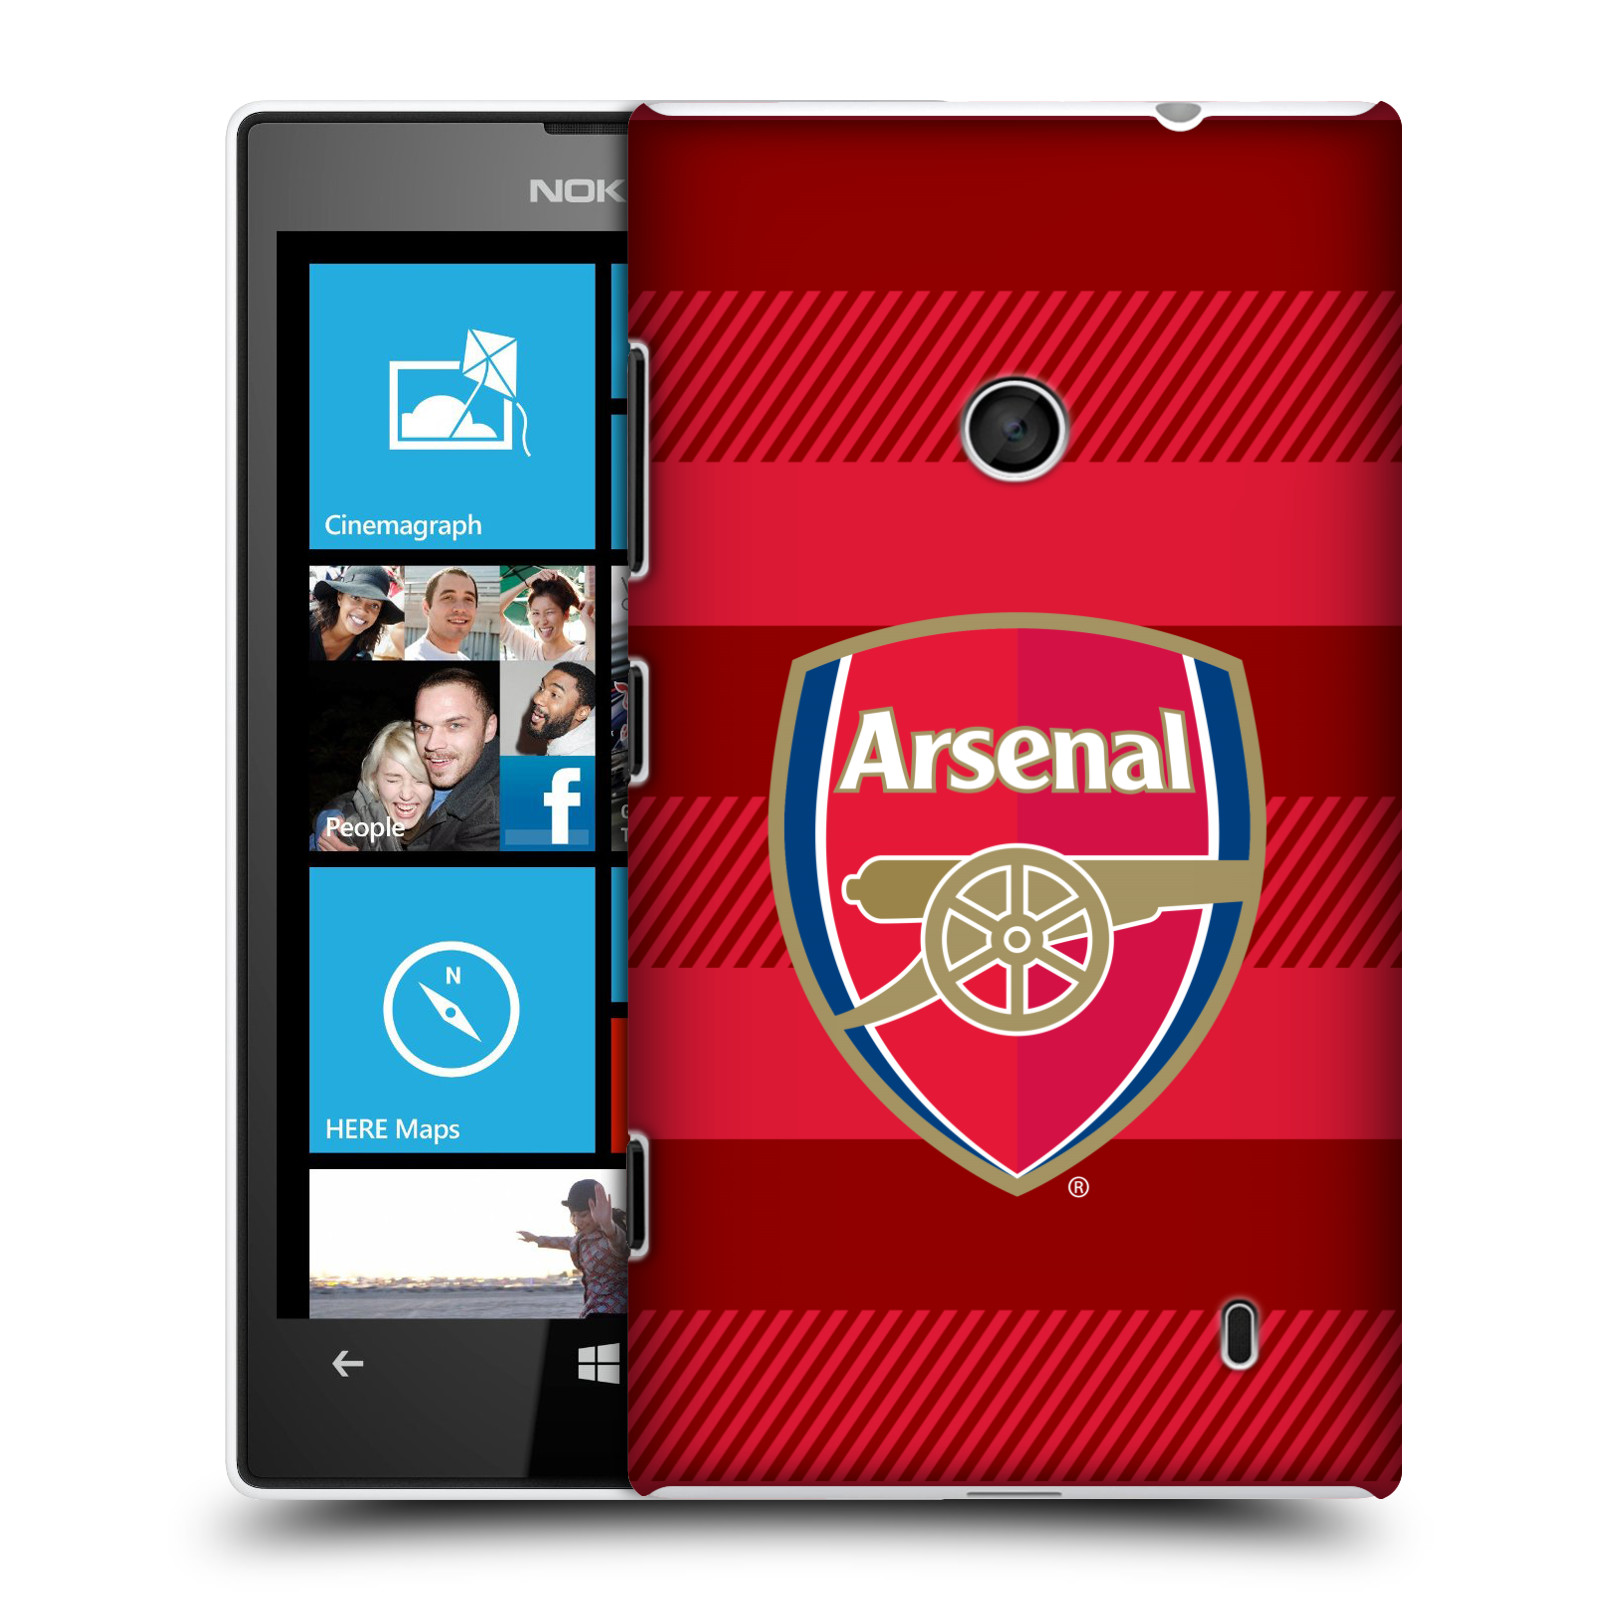 Plastové pouzdro na mobil Nokia Lumia 520 - Head Case - Arsenal FC - Logo s pruhy